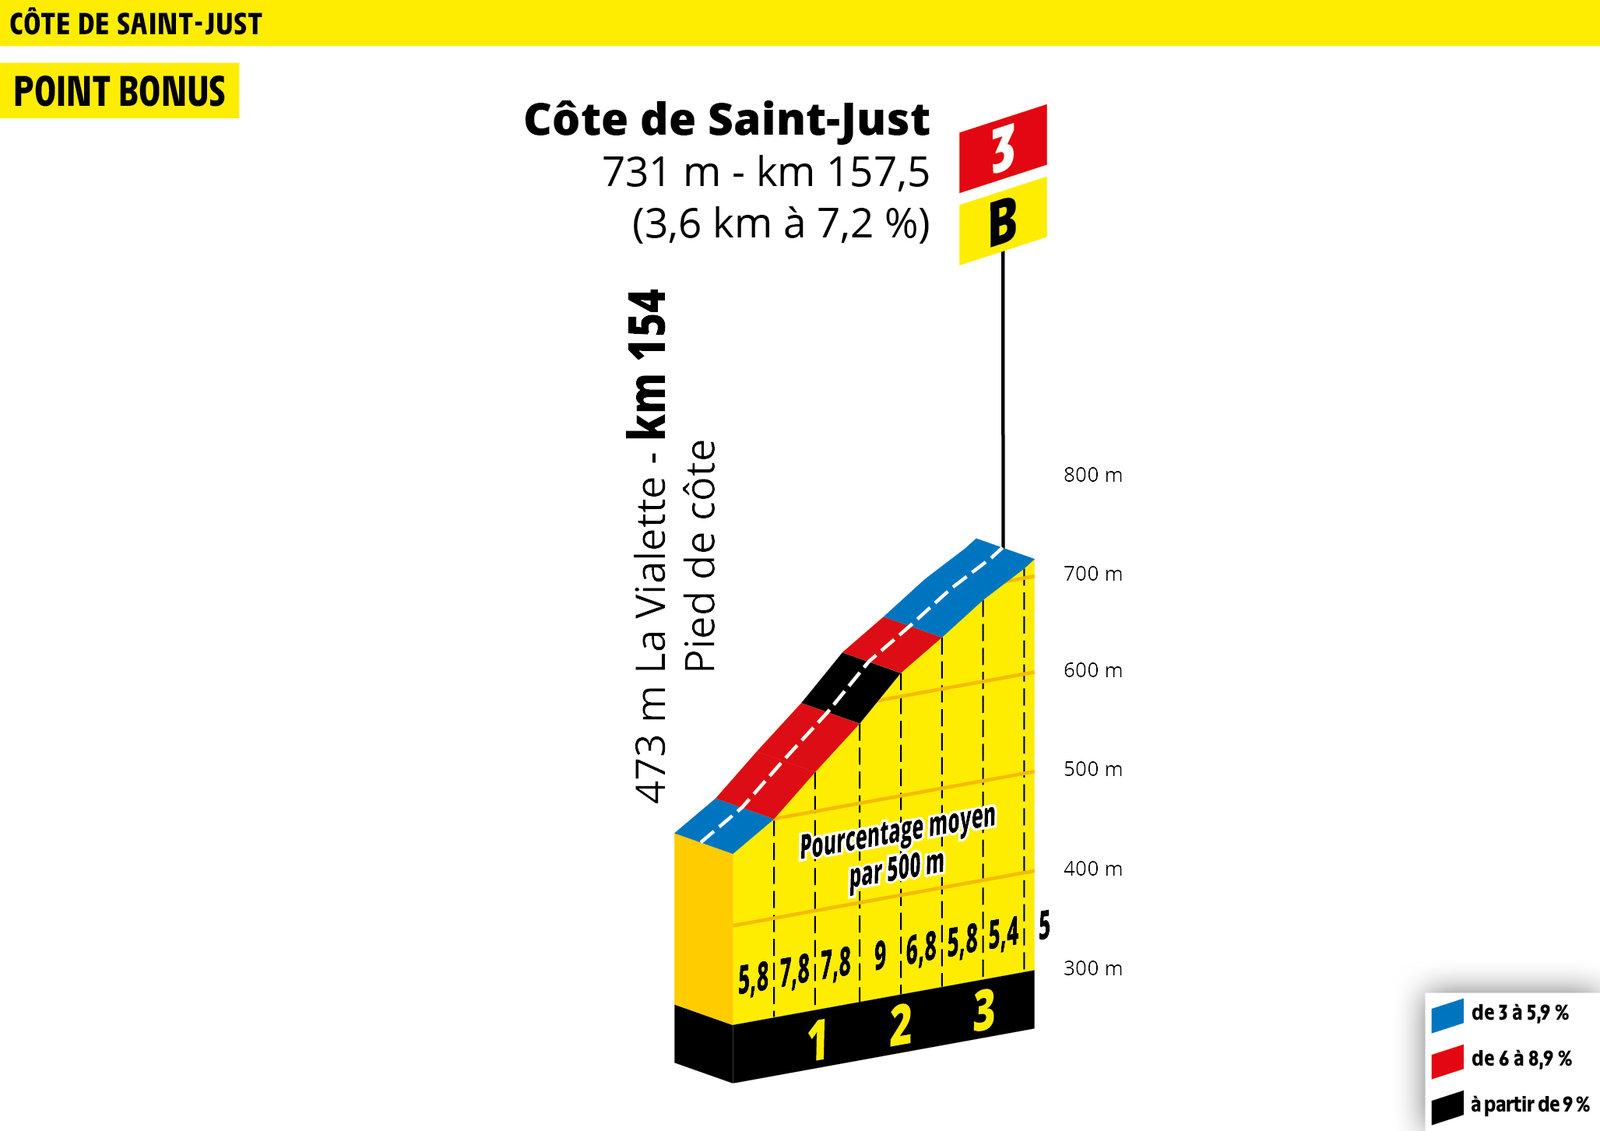 Tour de France 2019 19061803260321538